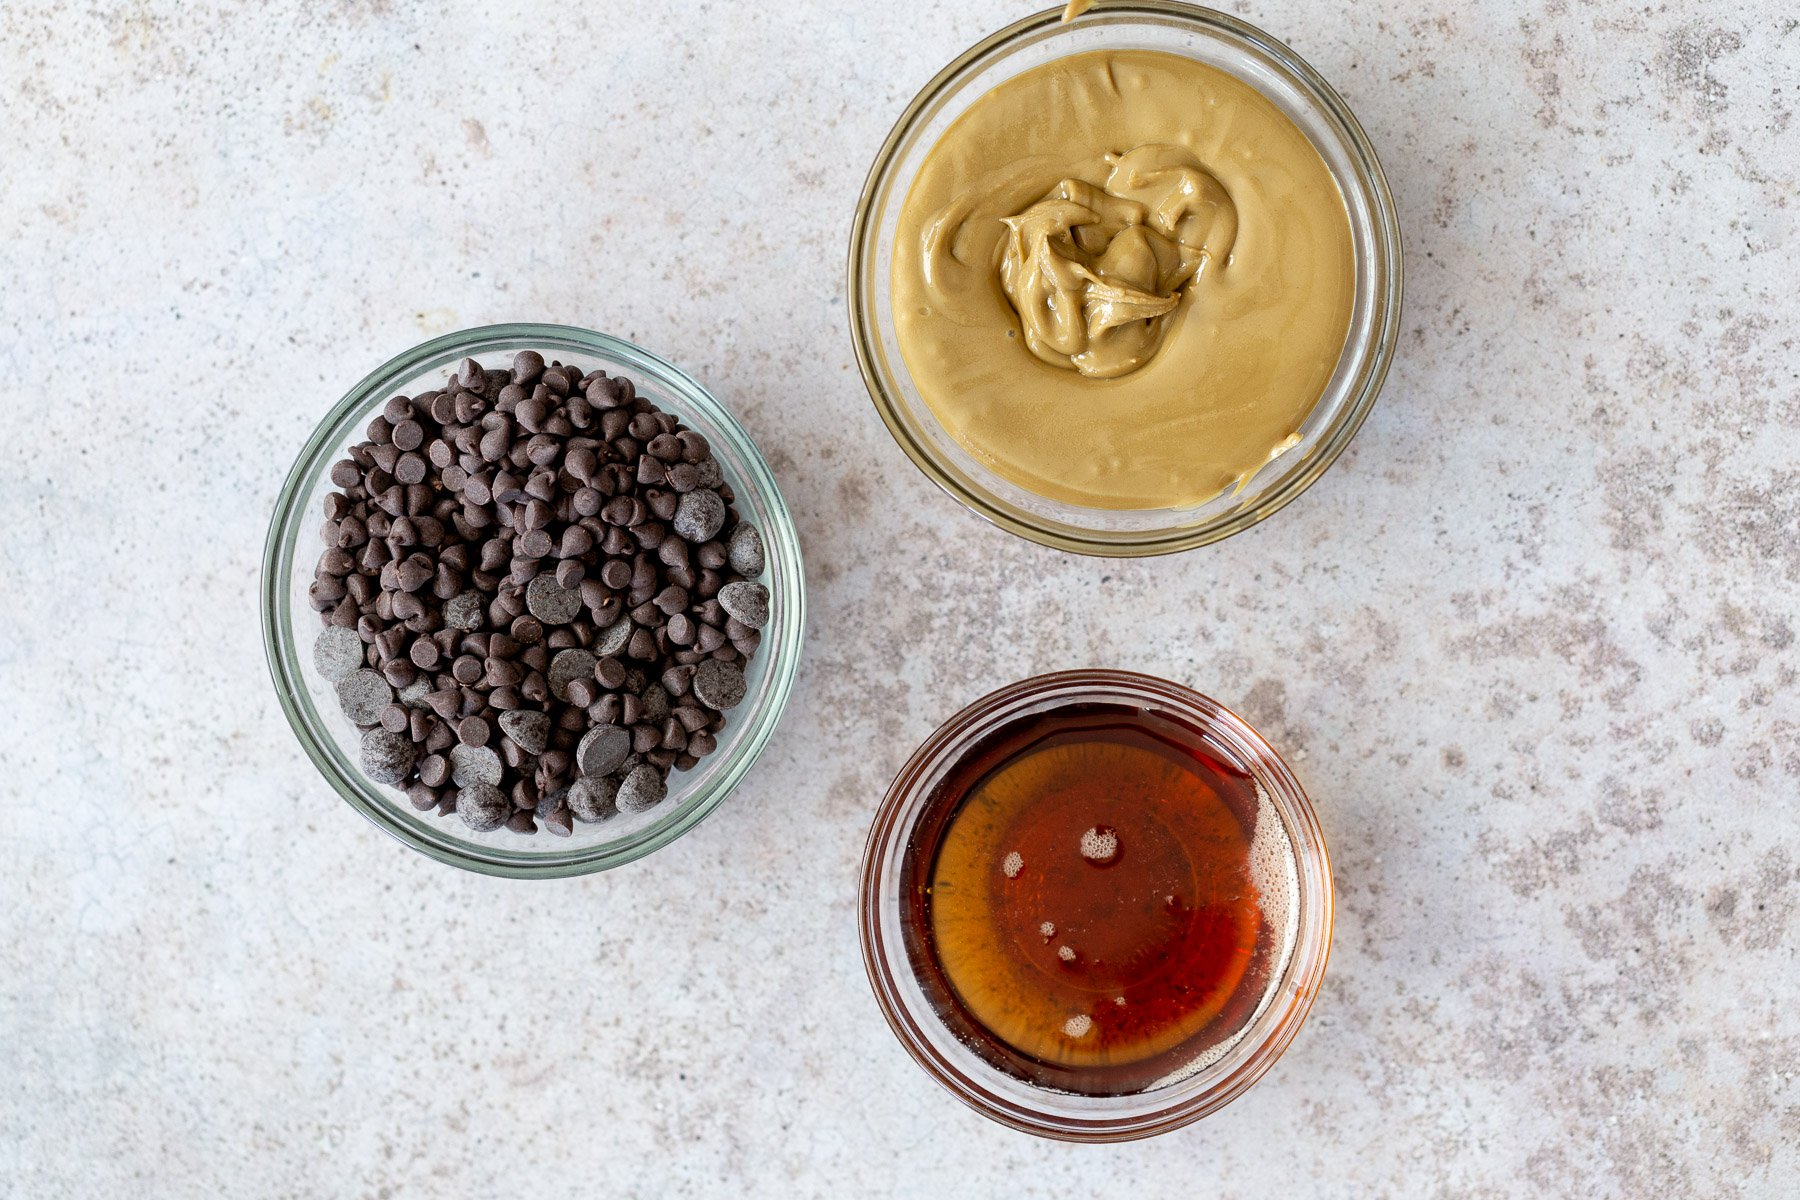 ingredientes necessários para fazer calda de chocolate vegana em um balcão da cozinha